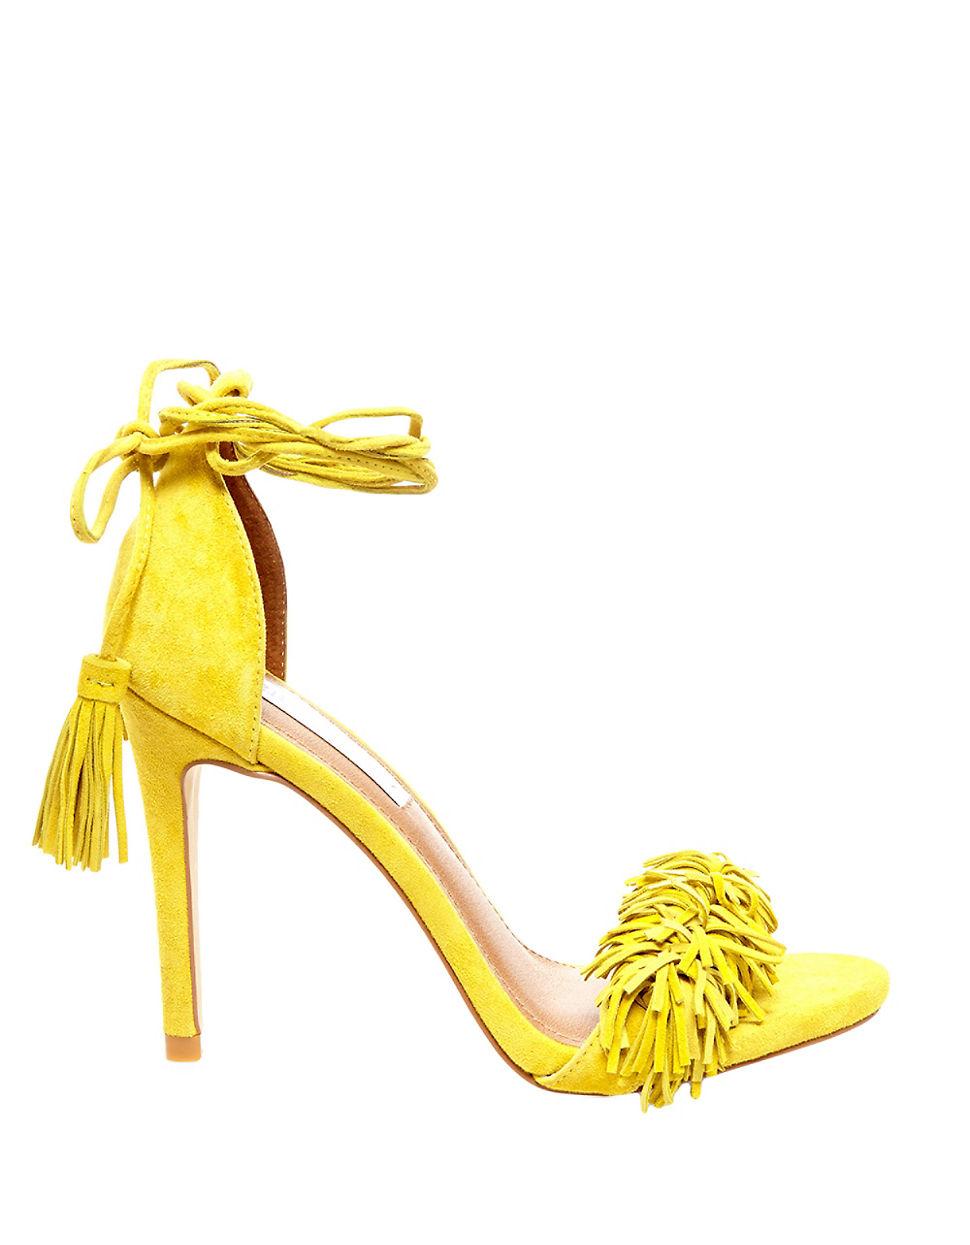 38a6863e9b0 Steve Madden Yellow Sassey Fringe Sandals